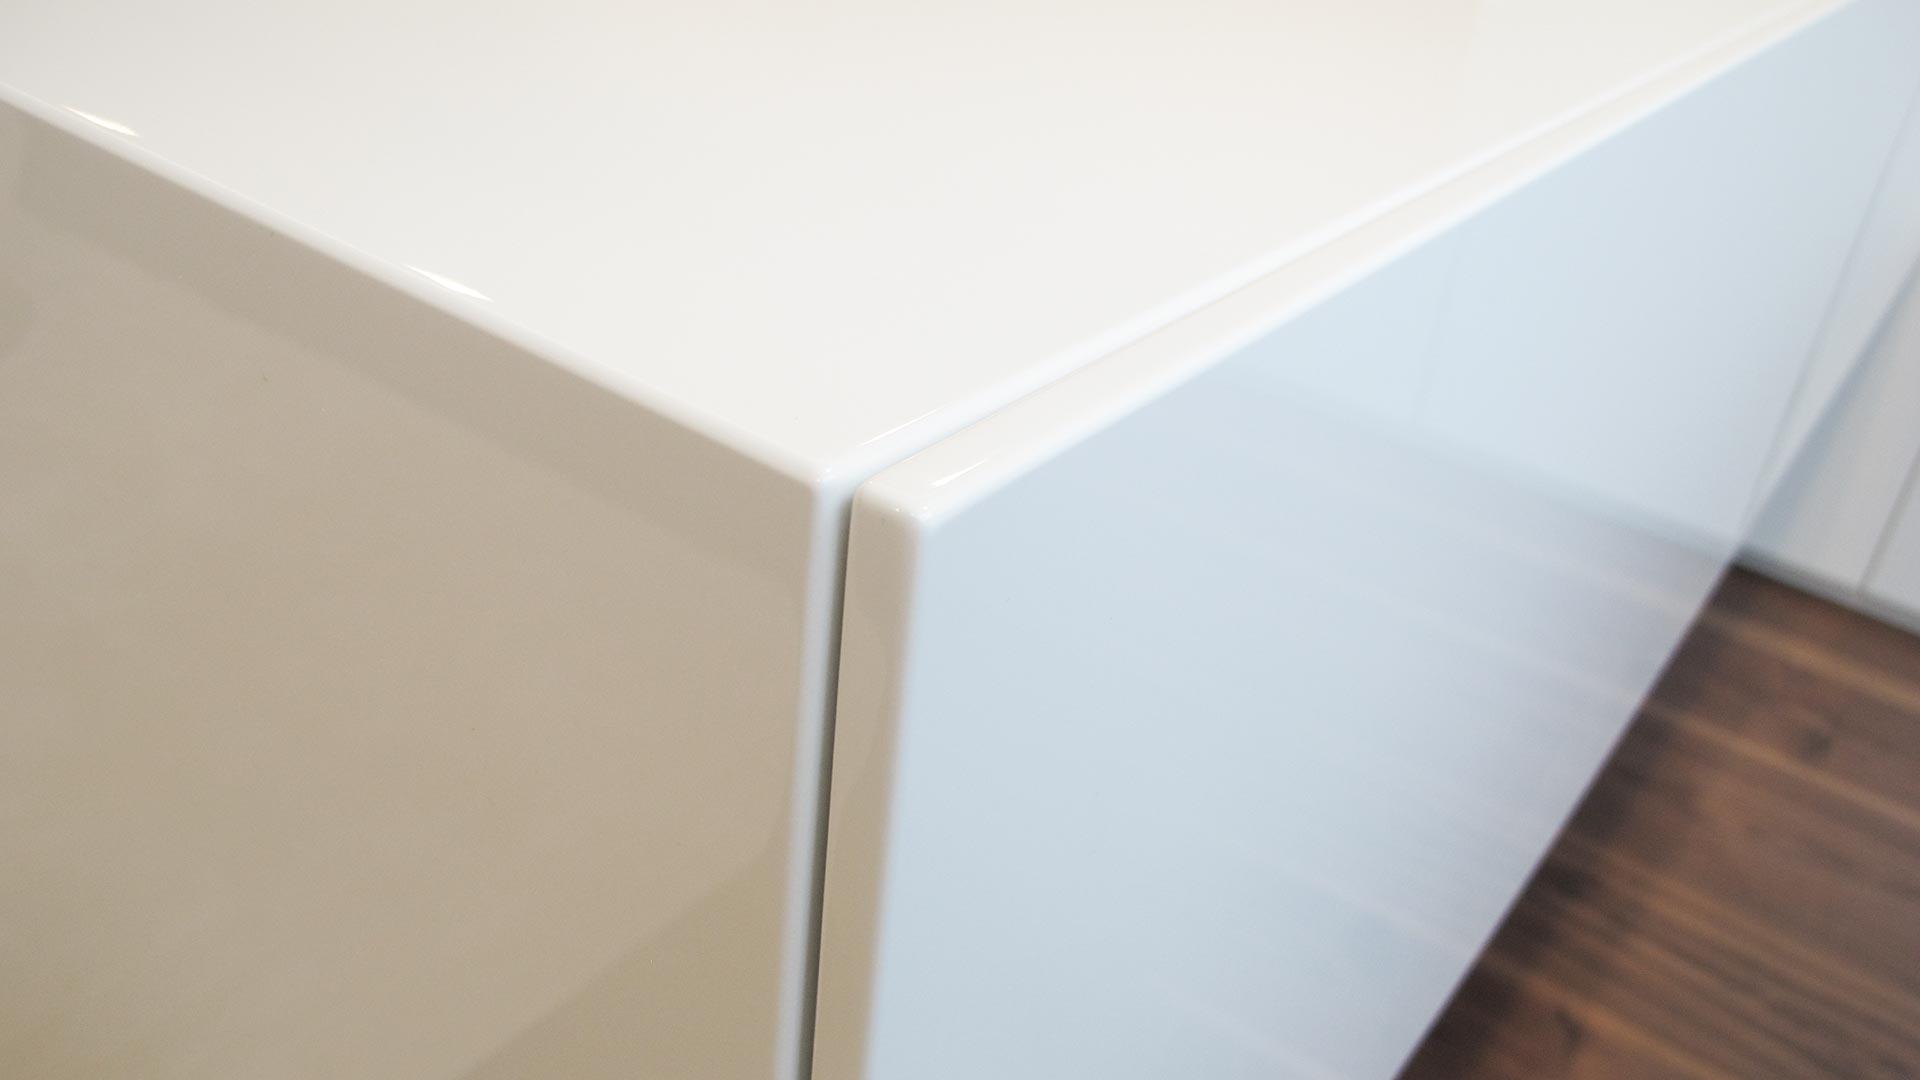 Lackierte Oberflächen bedürfen spezieller Pflege. Das Falsche Reinigungsmittel kann hier großen Schaden verursachen.